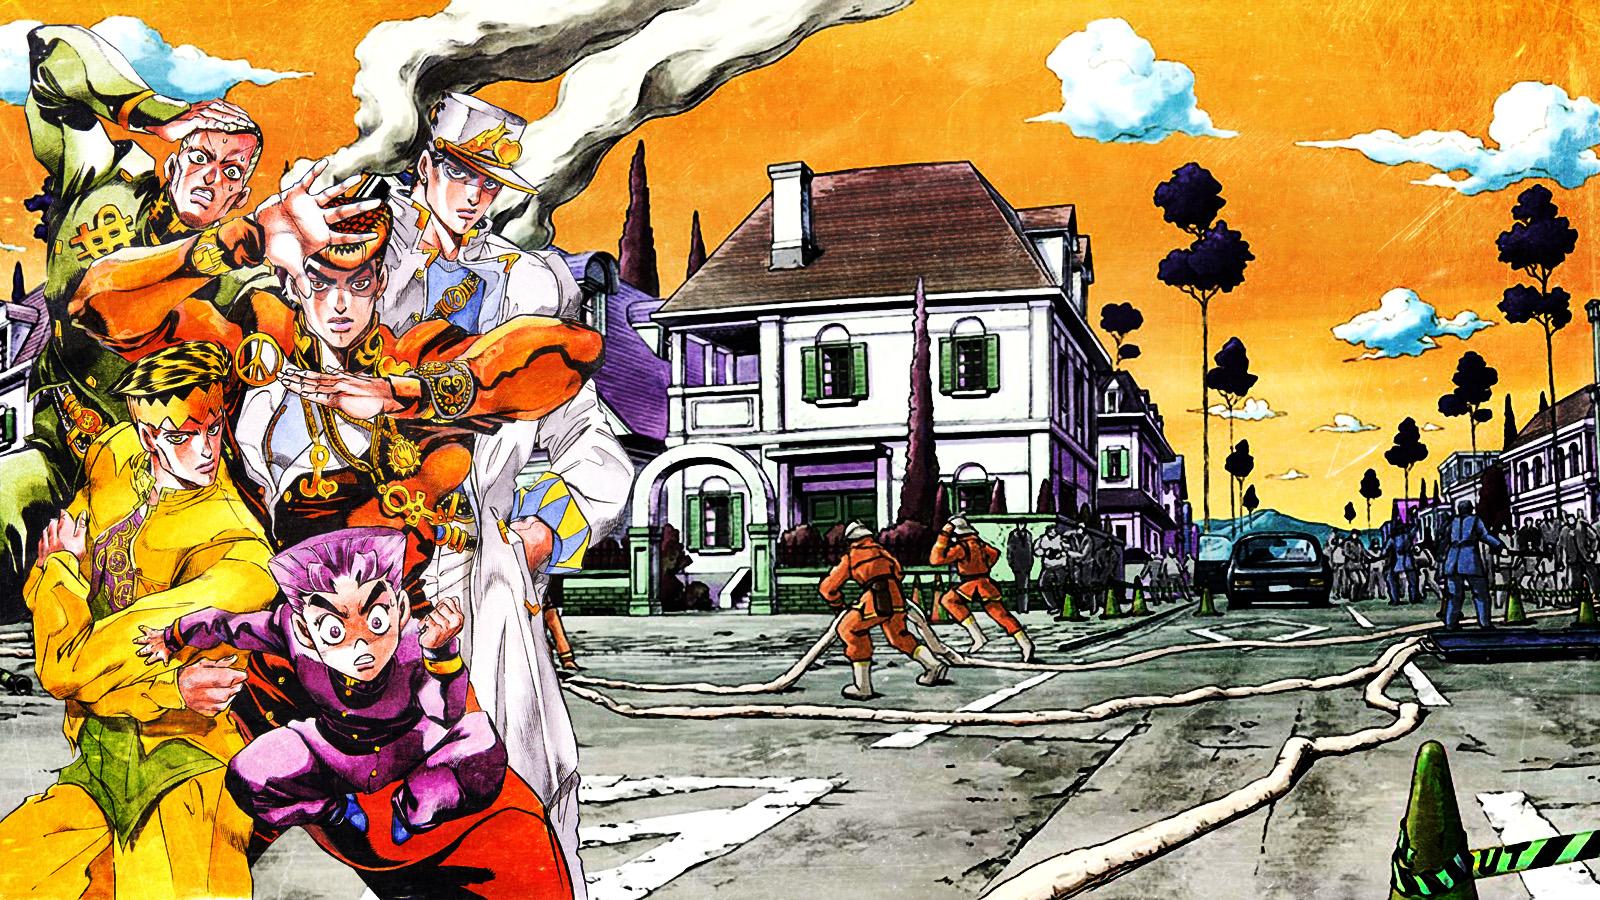 Jojo S Bizarre Adventure Wallpaper By Franky4fingersx2 On Deviantart